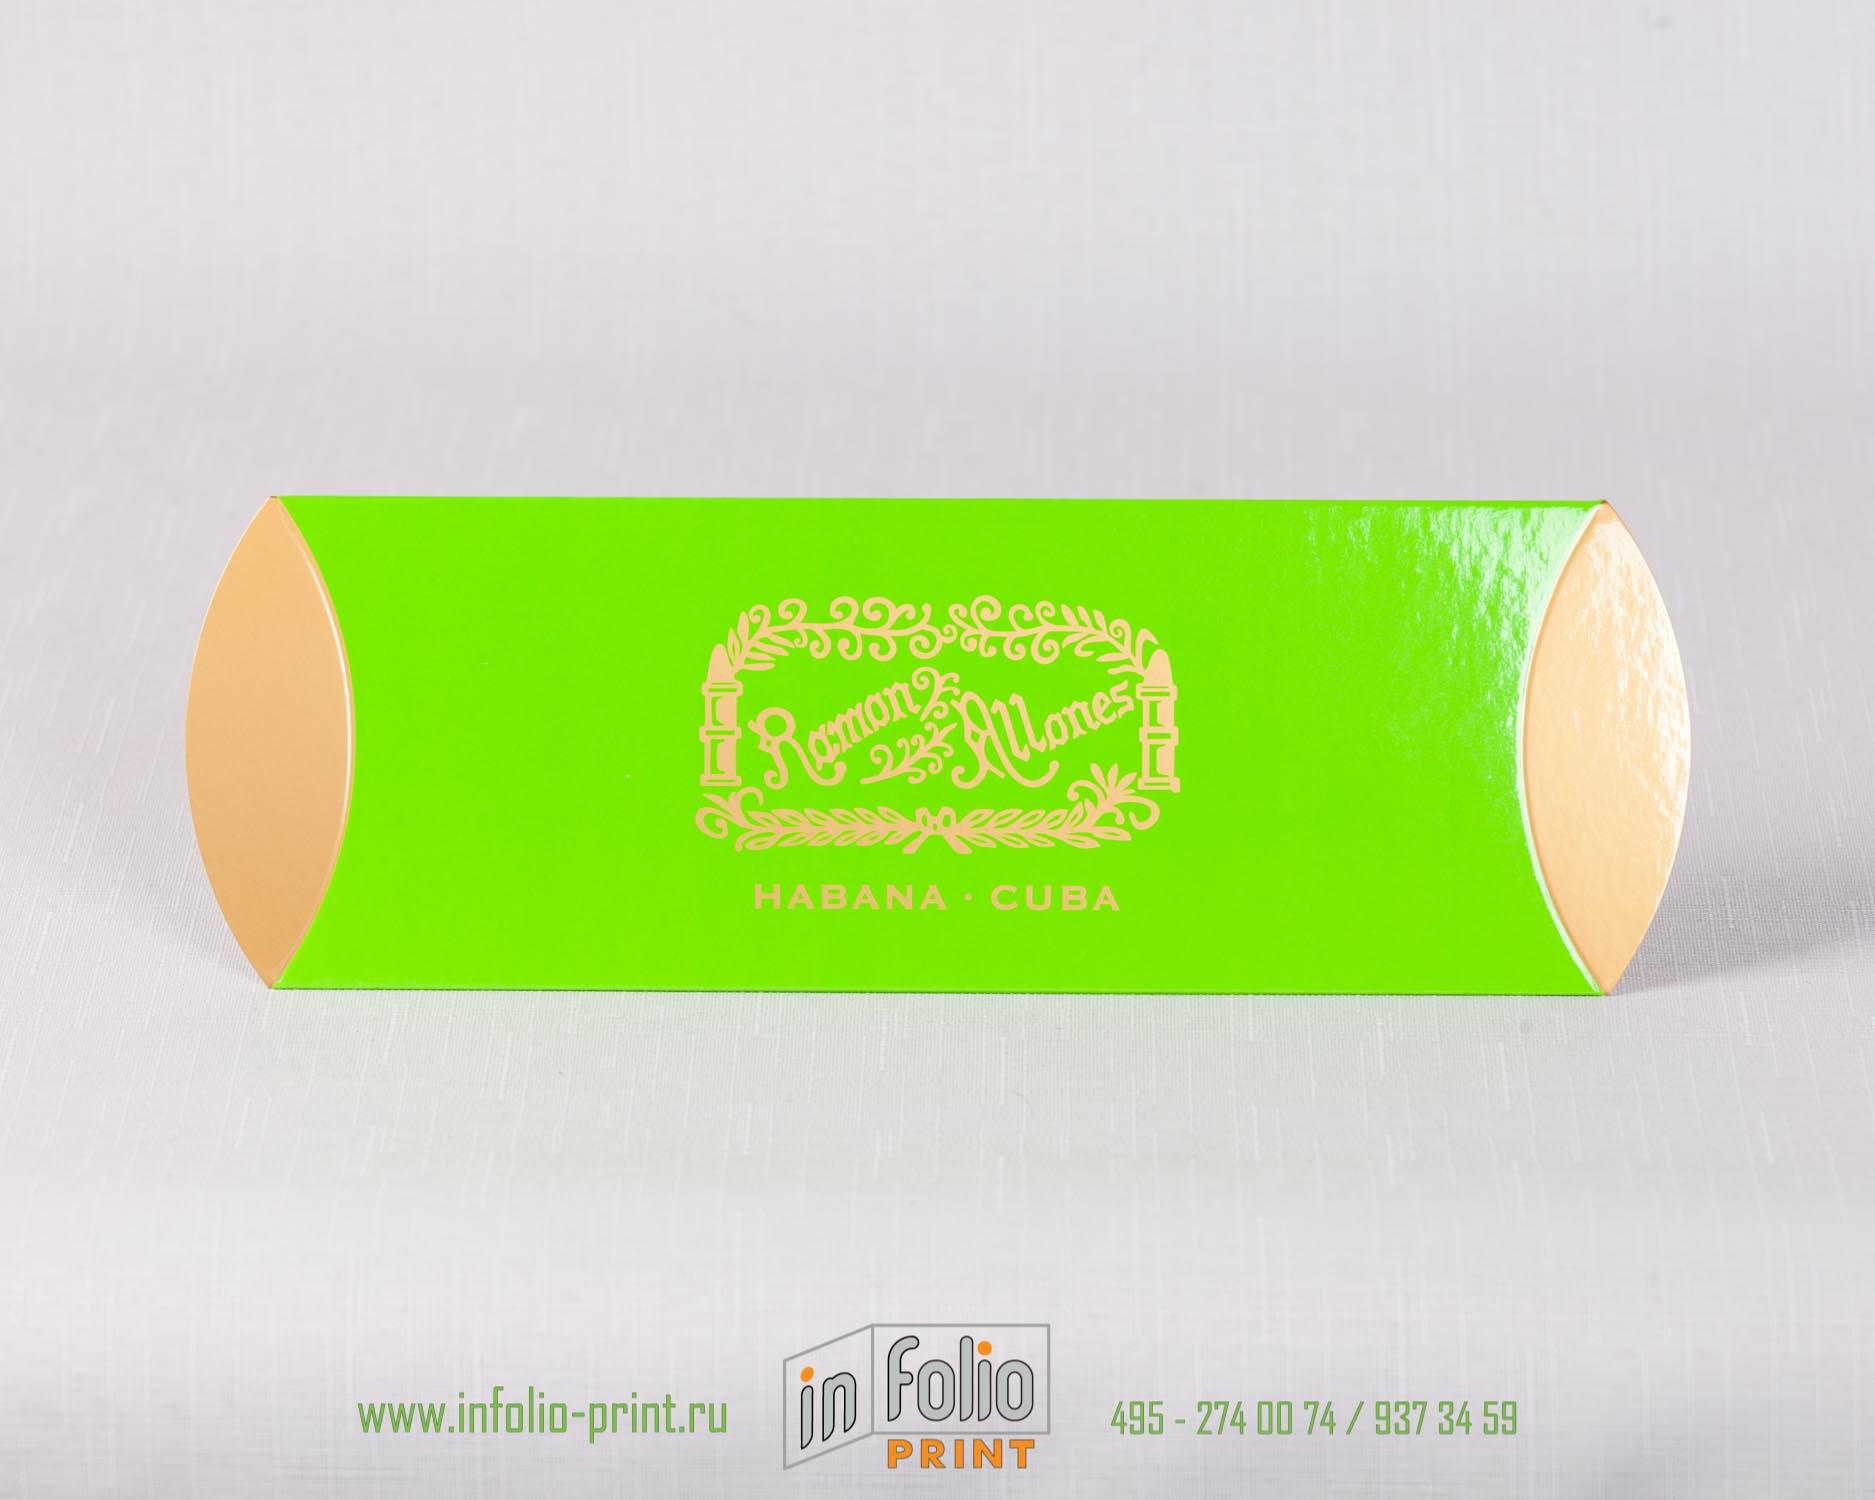 Упаковка пирожок узкая для кубинских сигар